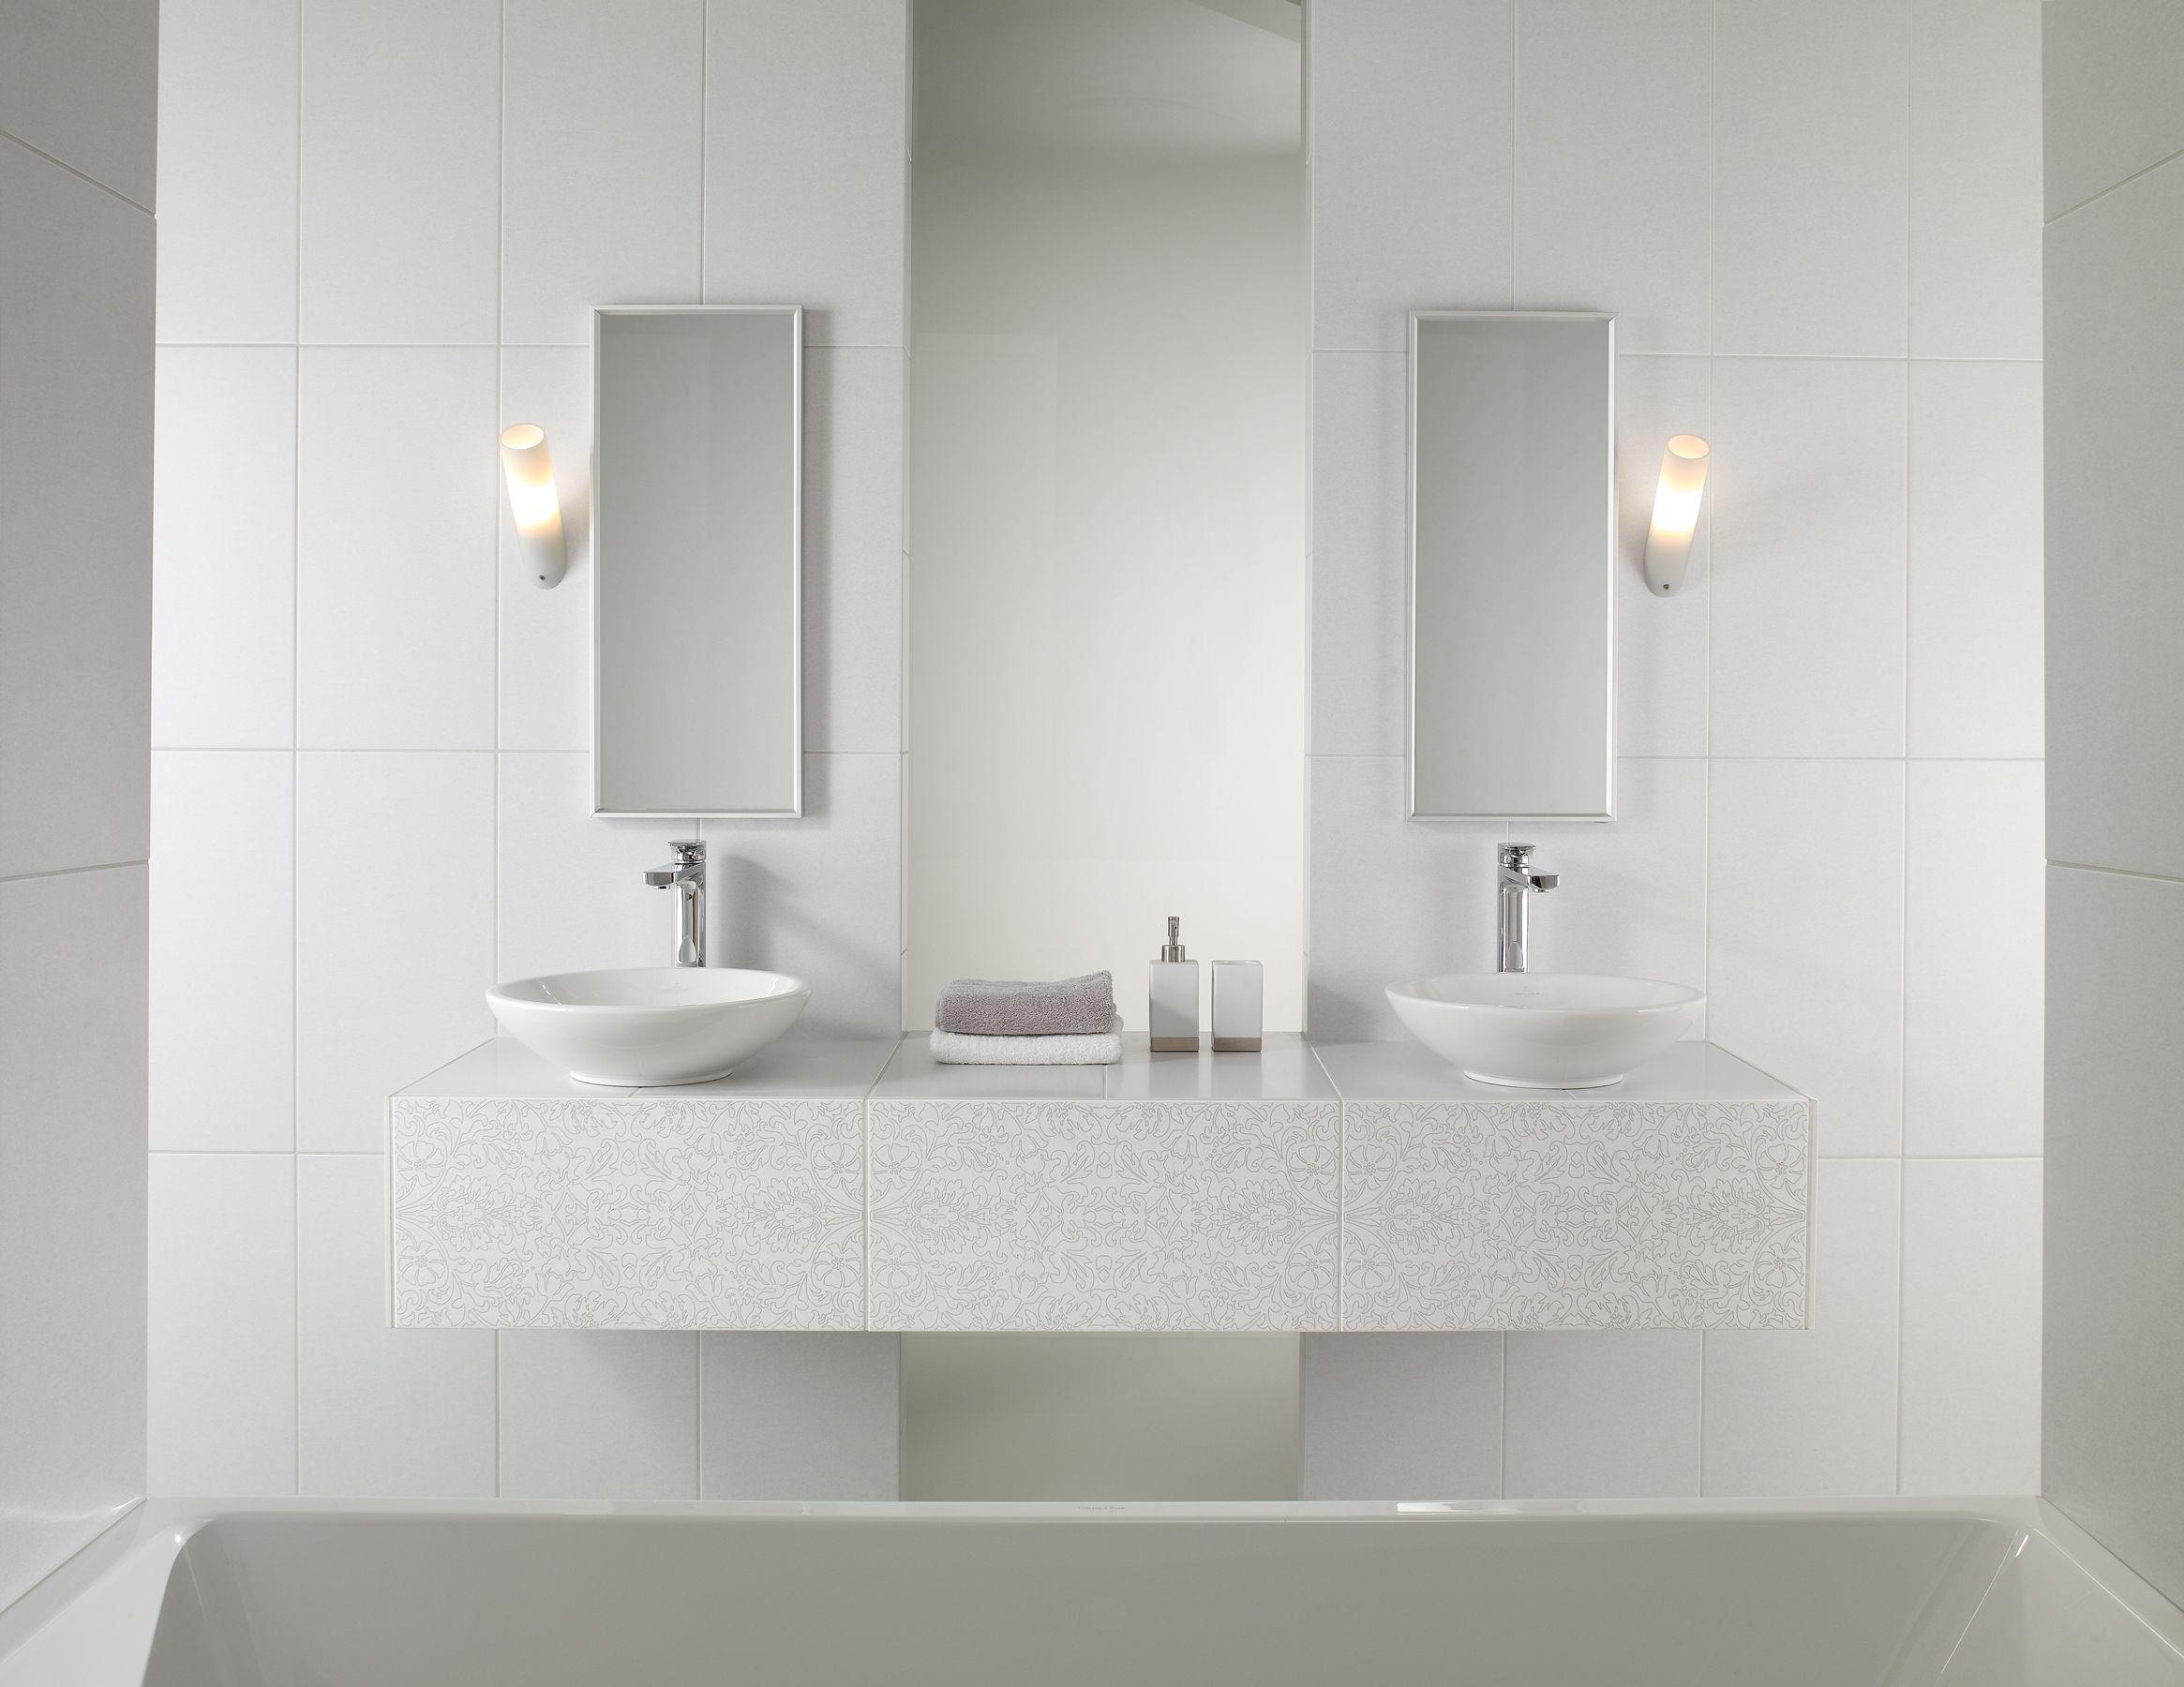 Badkamermeubels van Villeroy & Boch vind je bij Intermat